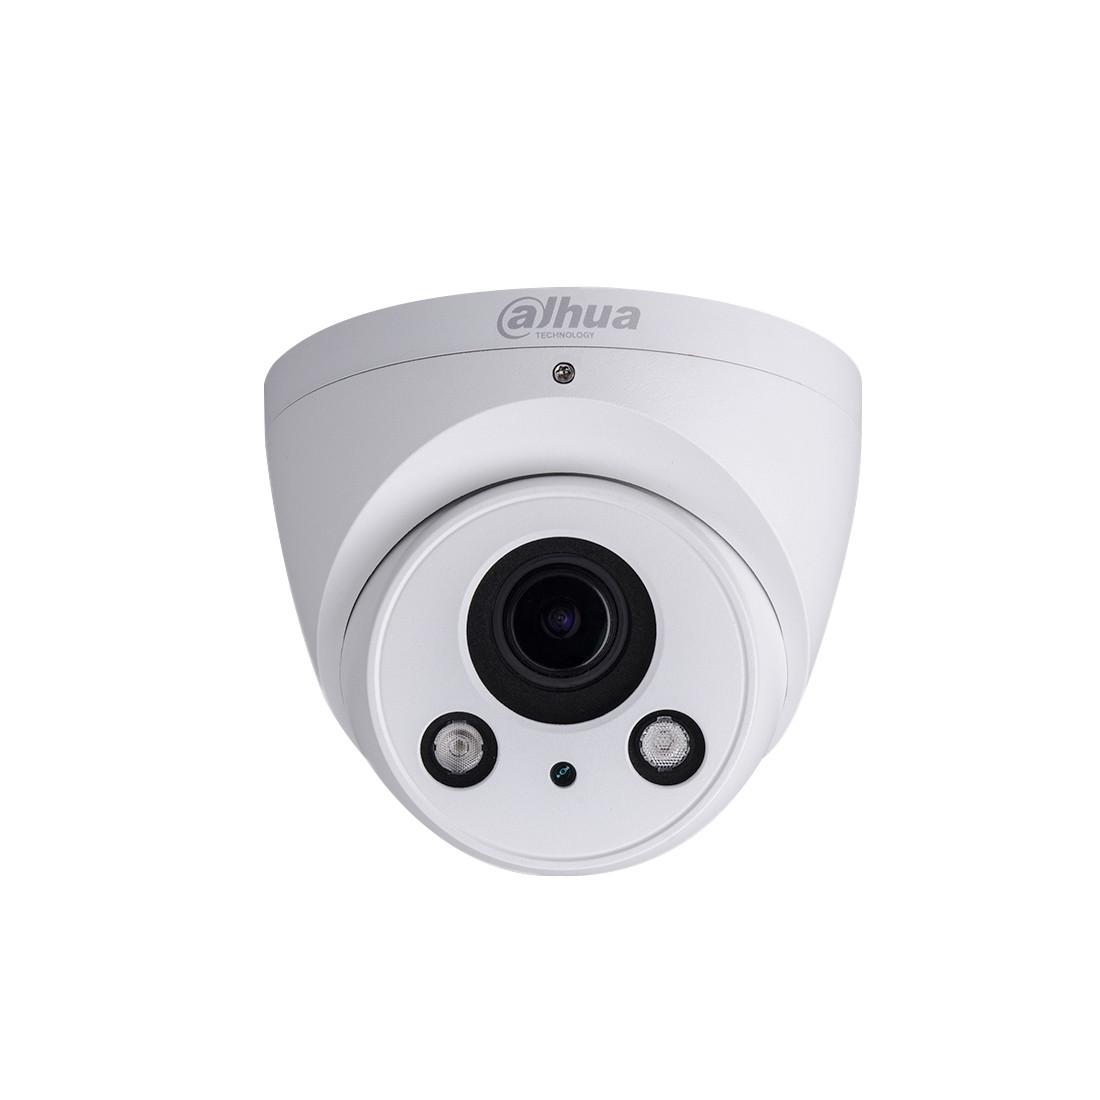 Dahua DH-IPC-HDW2421RP-ZS Купольная видеокамера